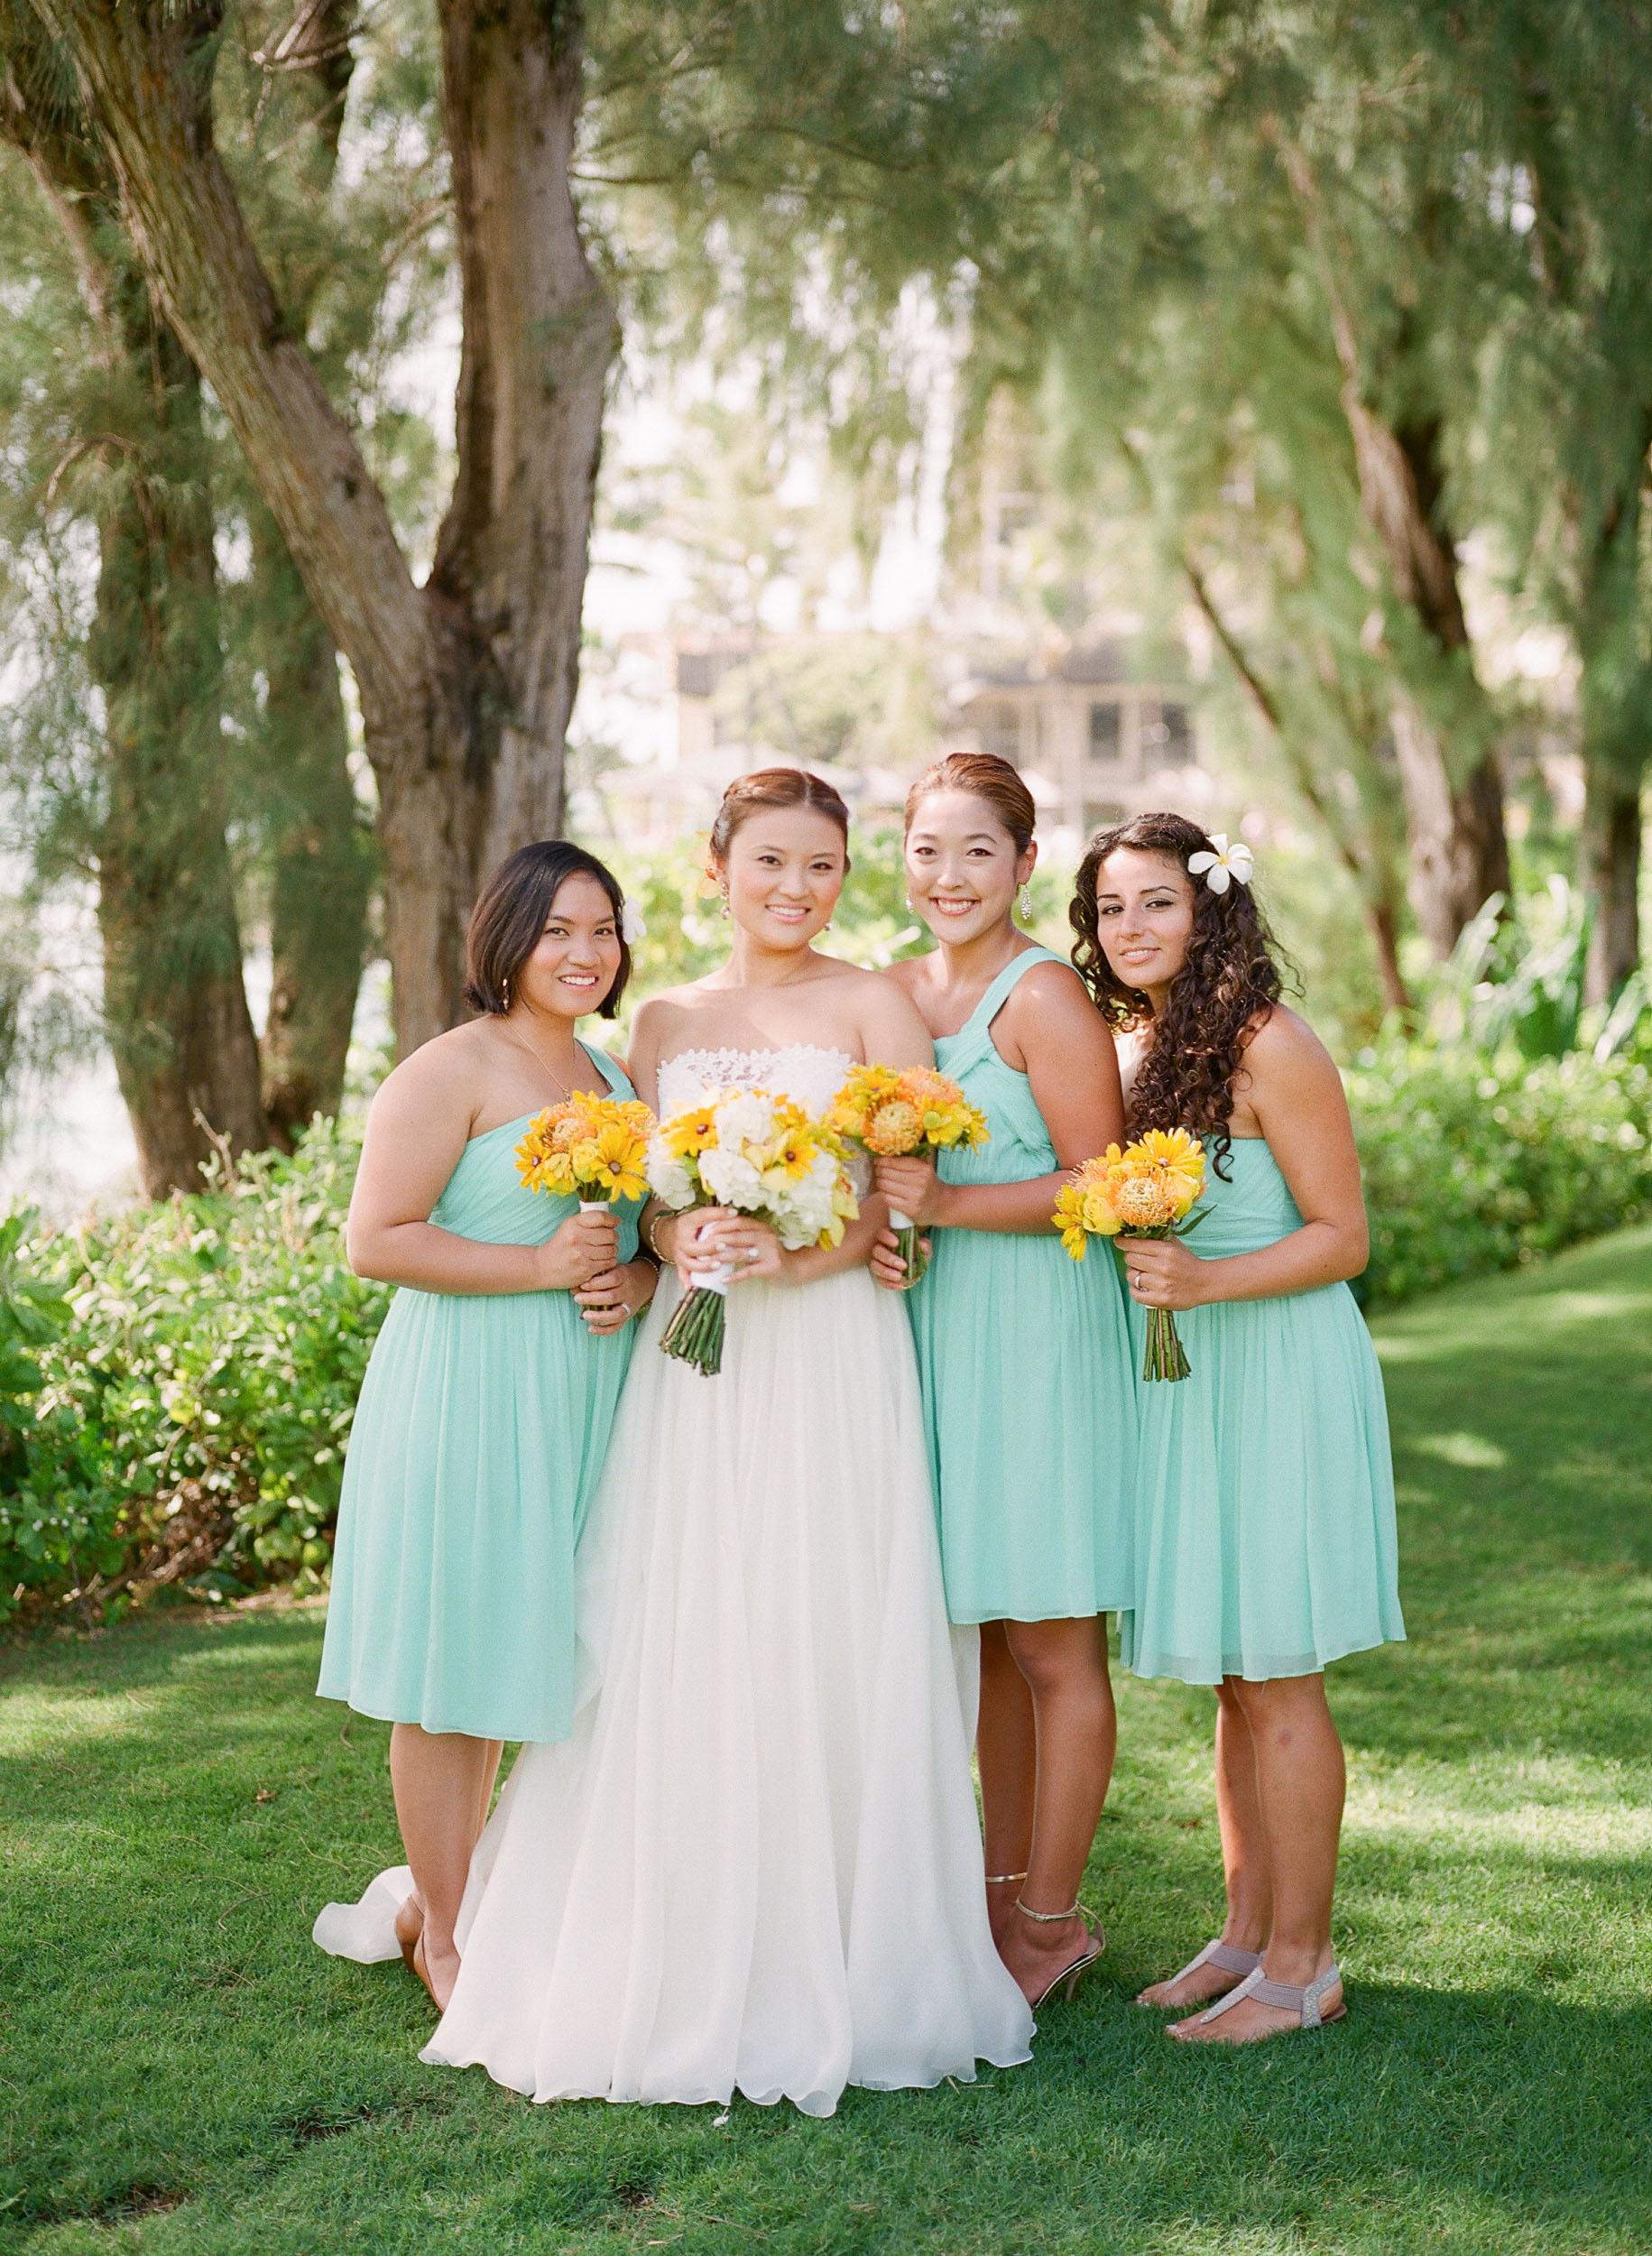 turtle-bay-wedding-oahu-006.jpg